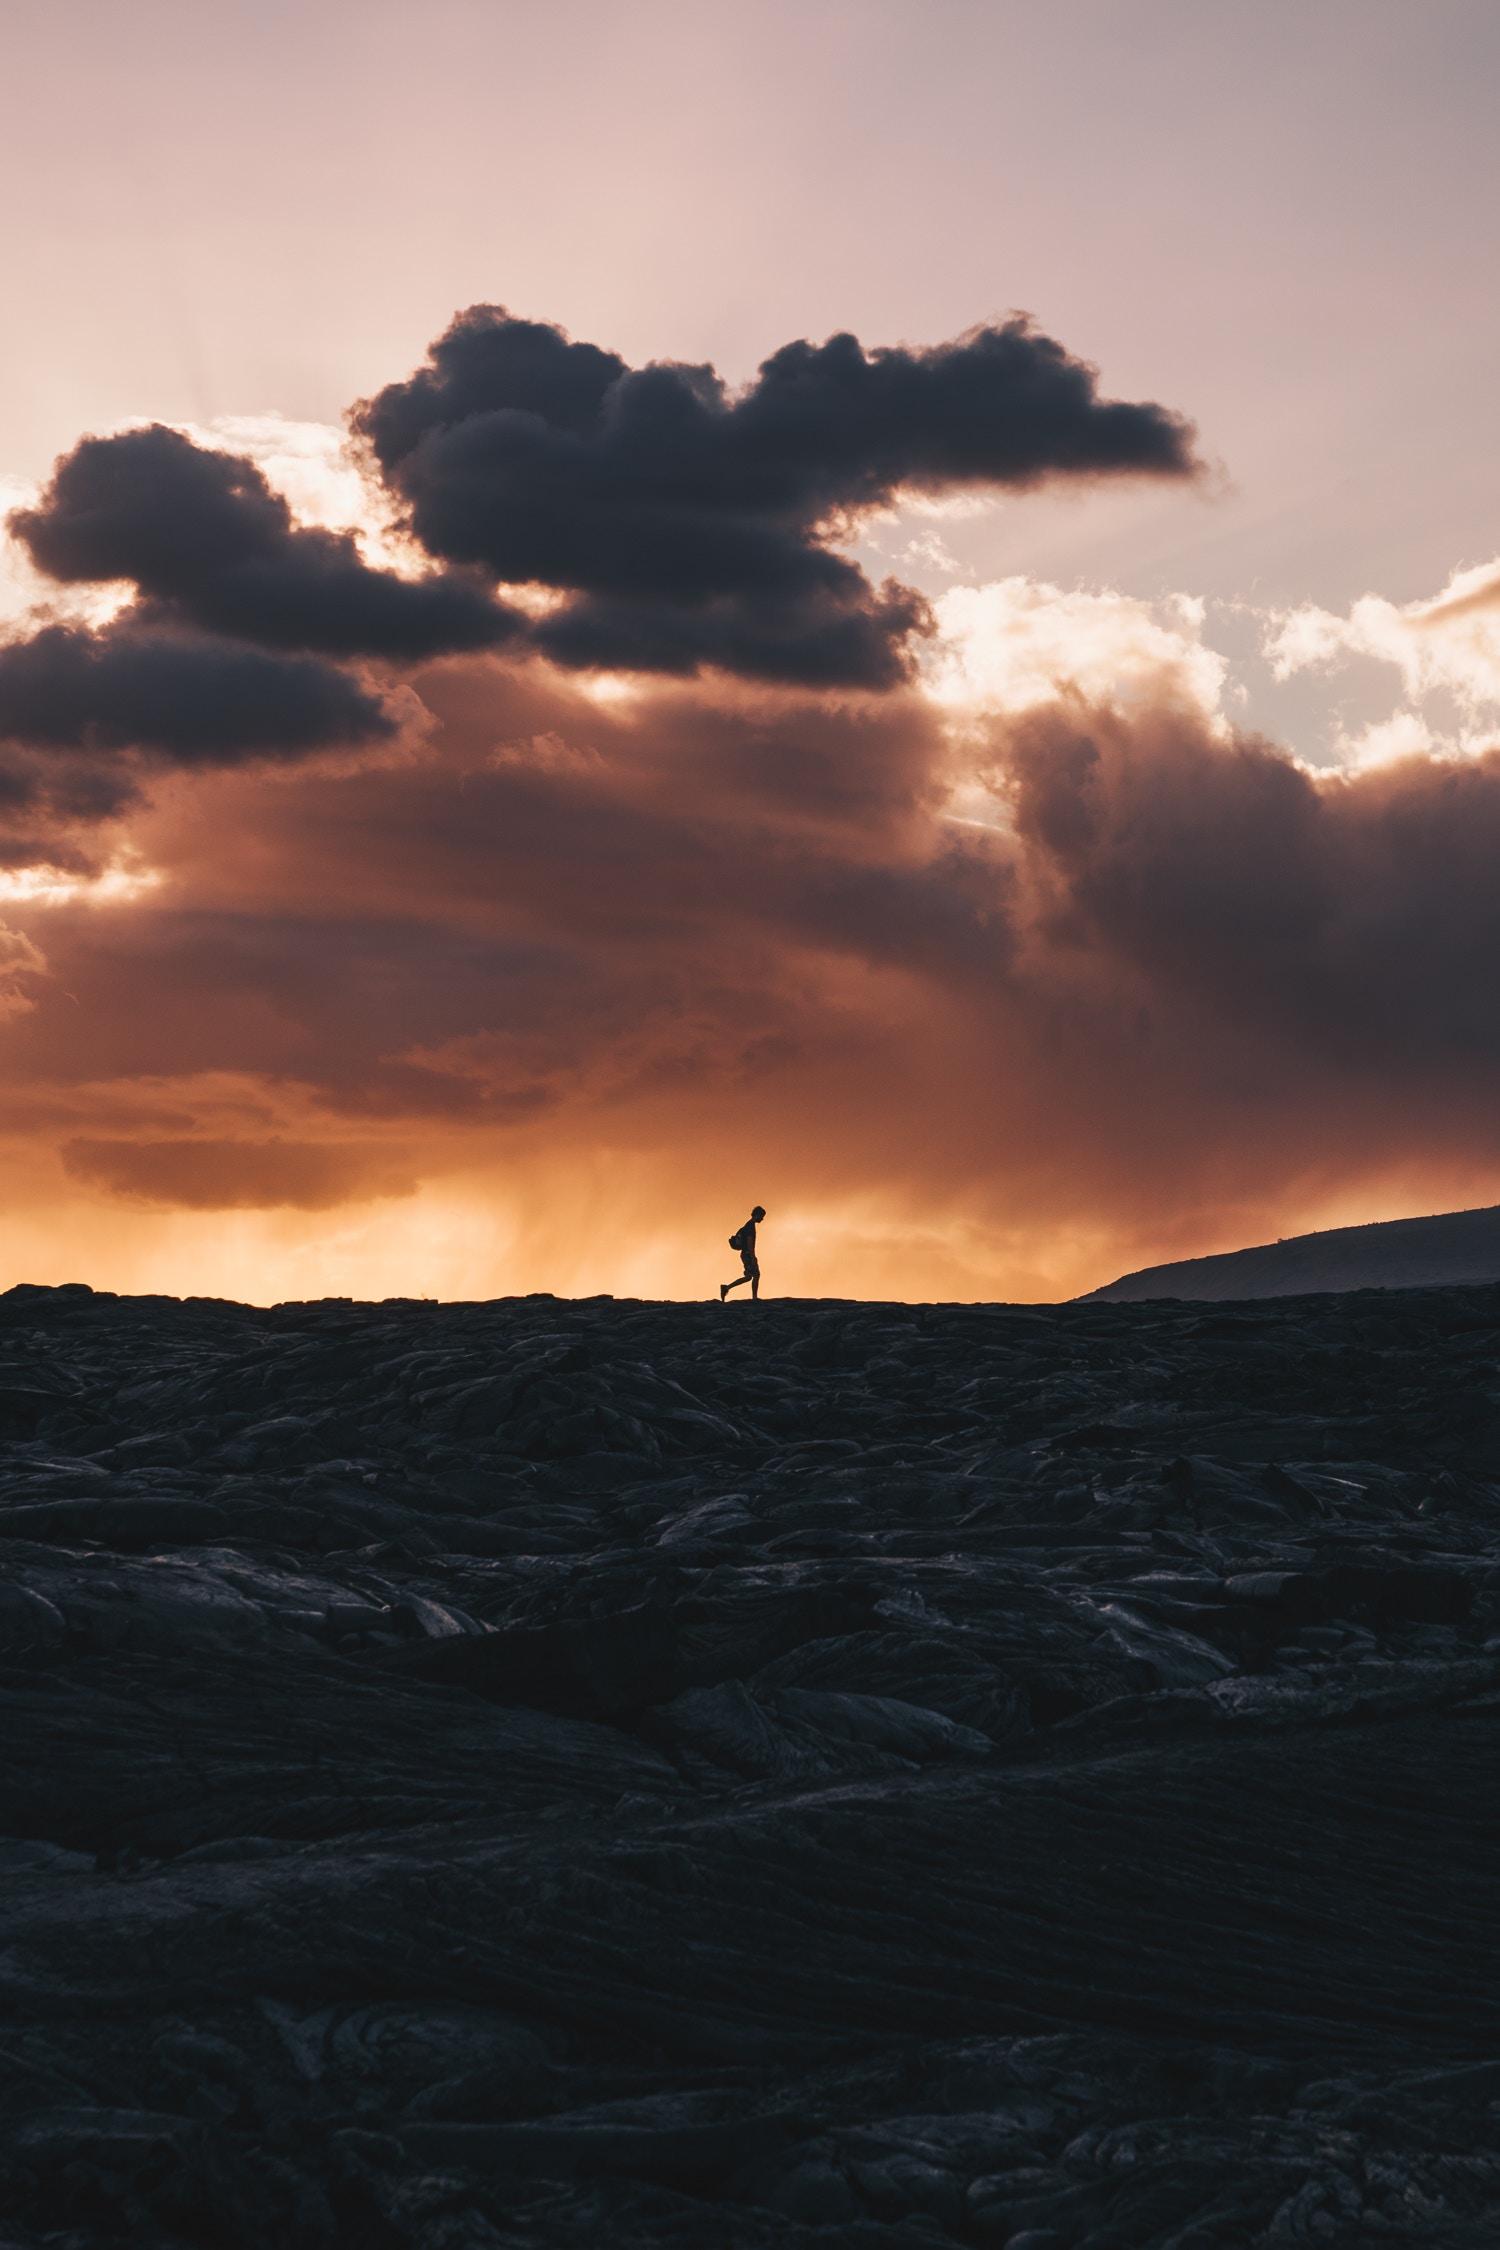 81517 скачать обои Природа, Силуэт, Горизонт, Вулкан, Облака, Закат, Калапана, Гавайи - заставки и картинки бесплатно